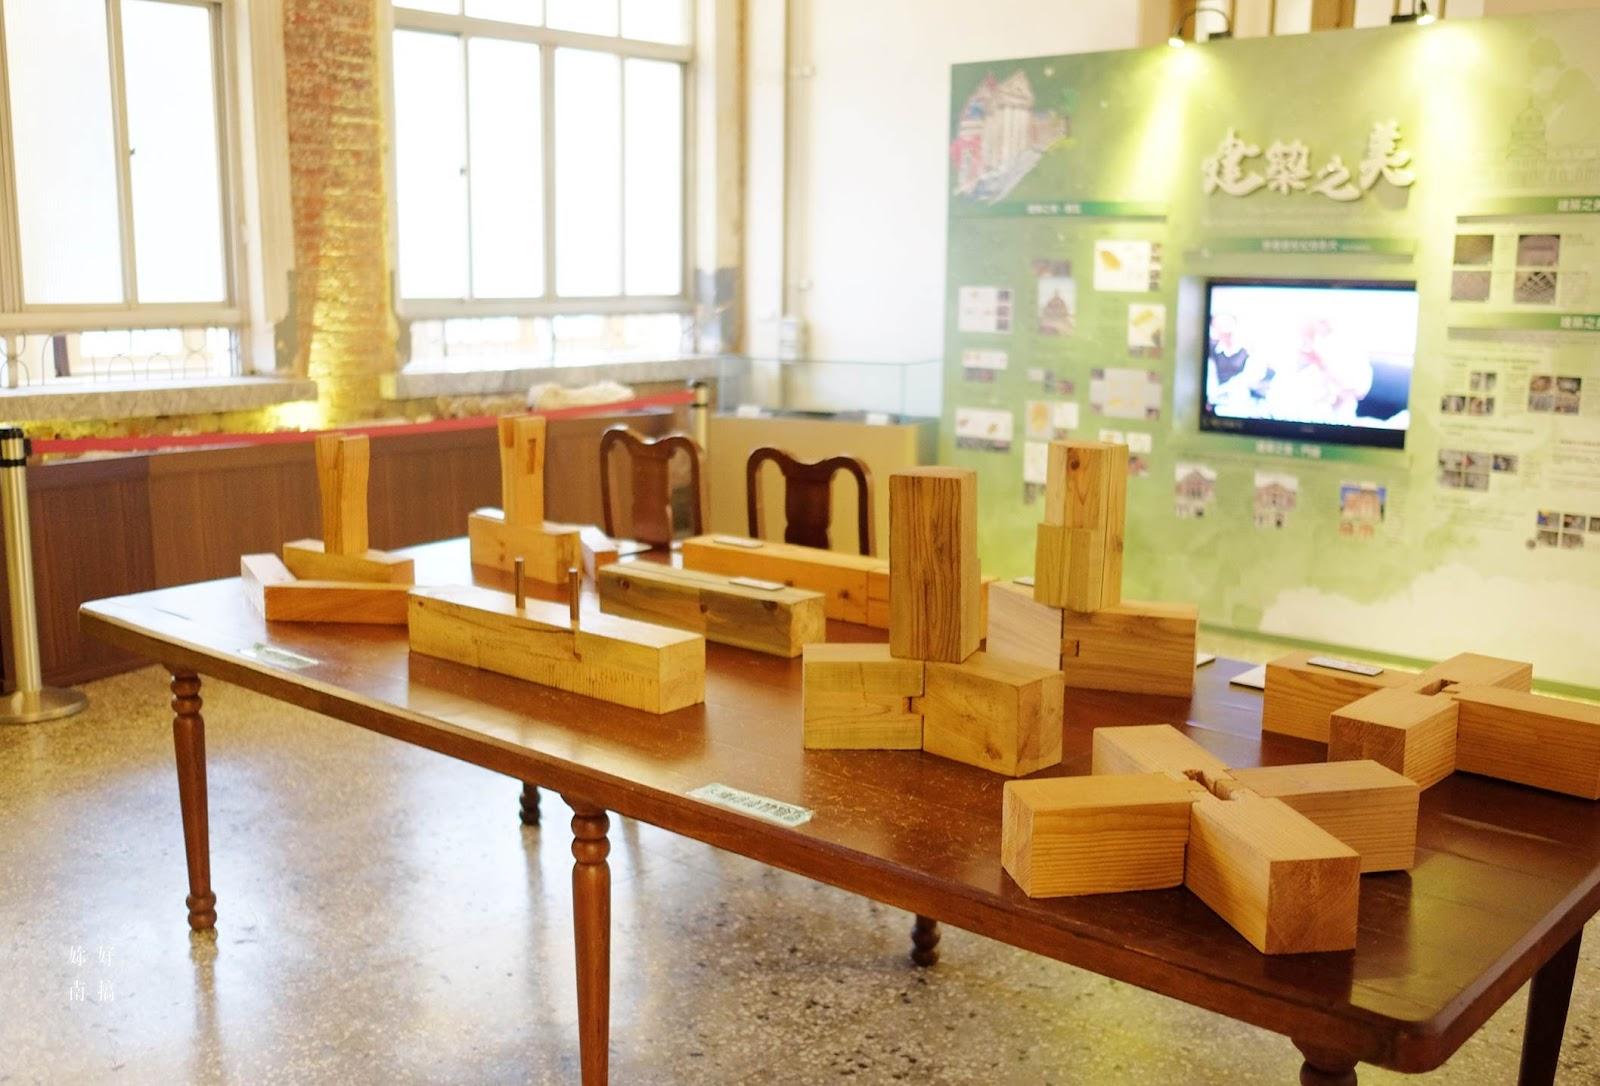 可以在此看到建築結構的展覽